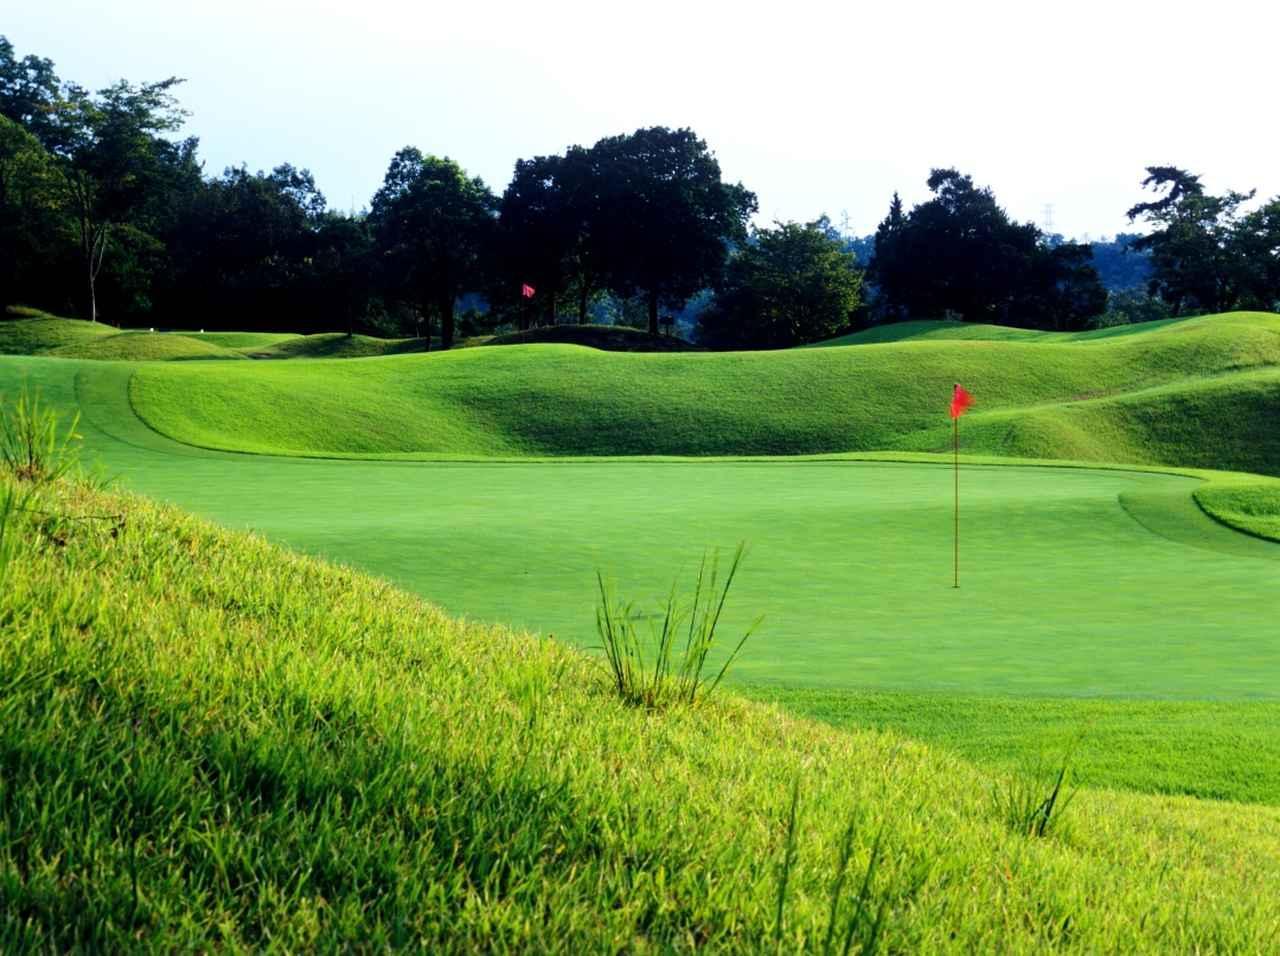 画像: ニクラスが設計した、愛知県「セントクリークゴルフクラブ」ウエストコース、2番・5番のダブルグリーン、複雑な起伏が見てもわかる